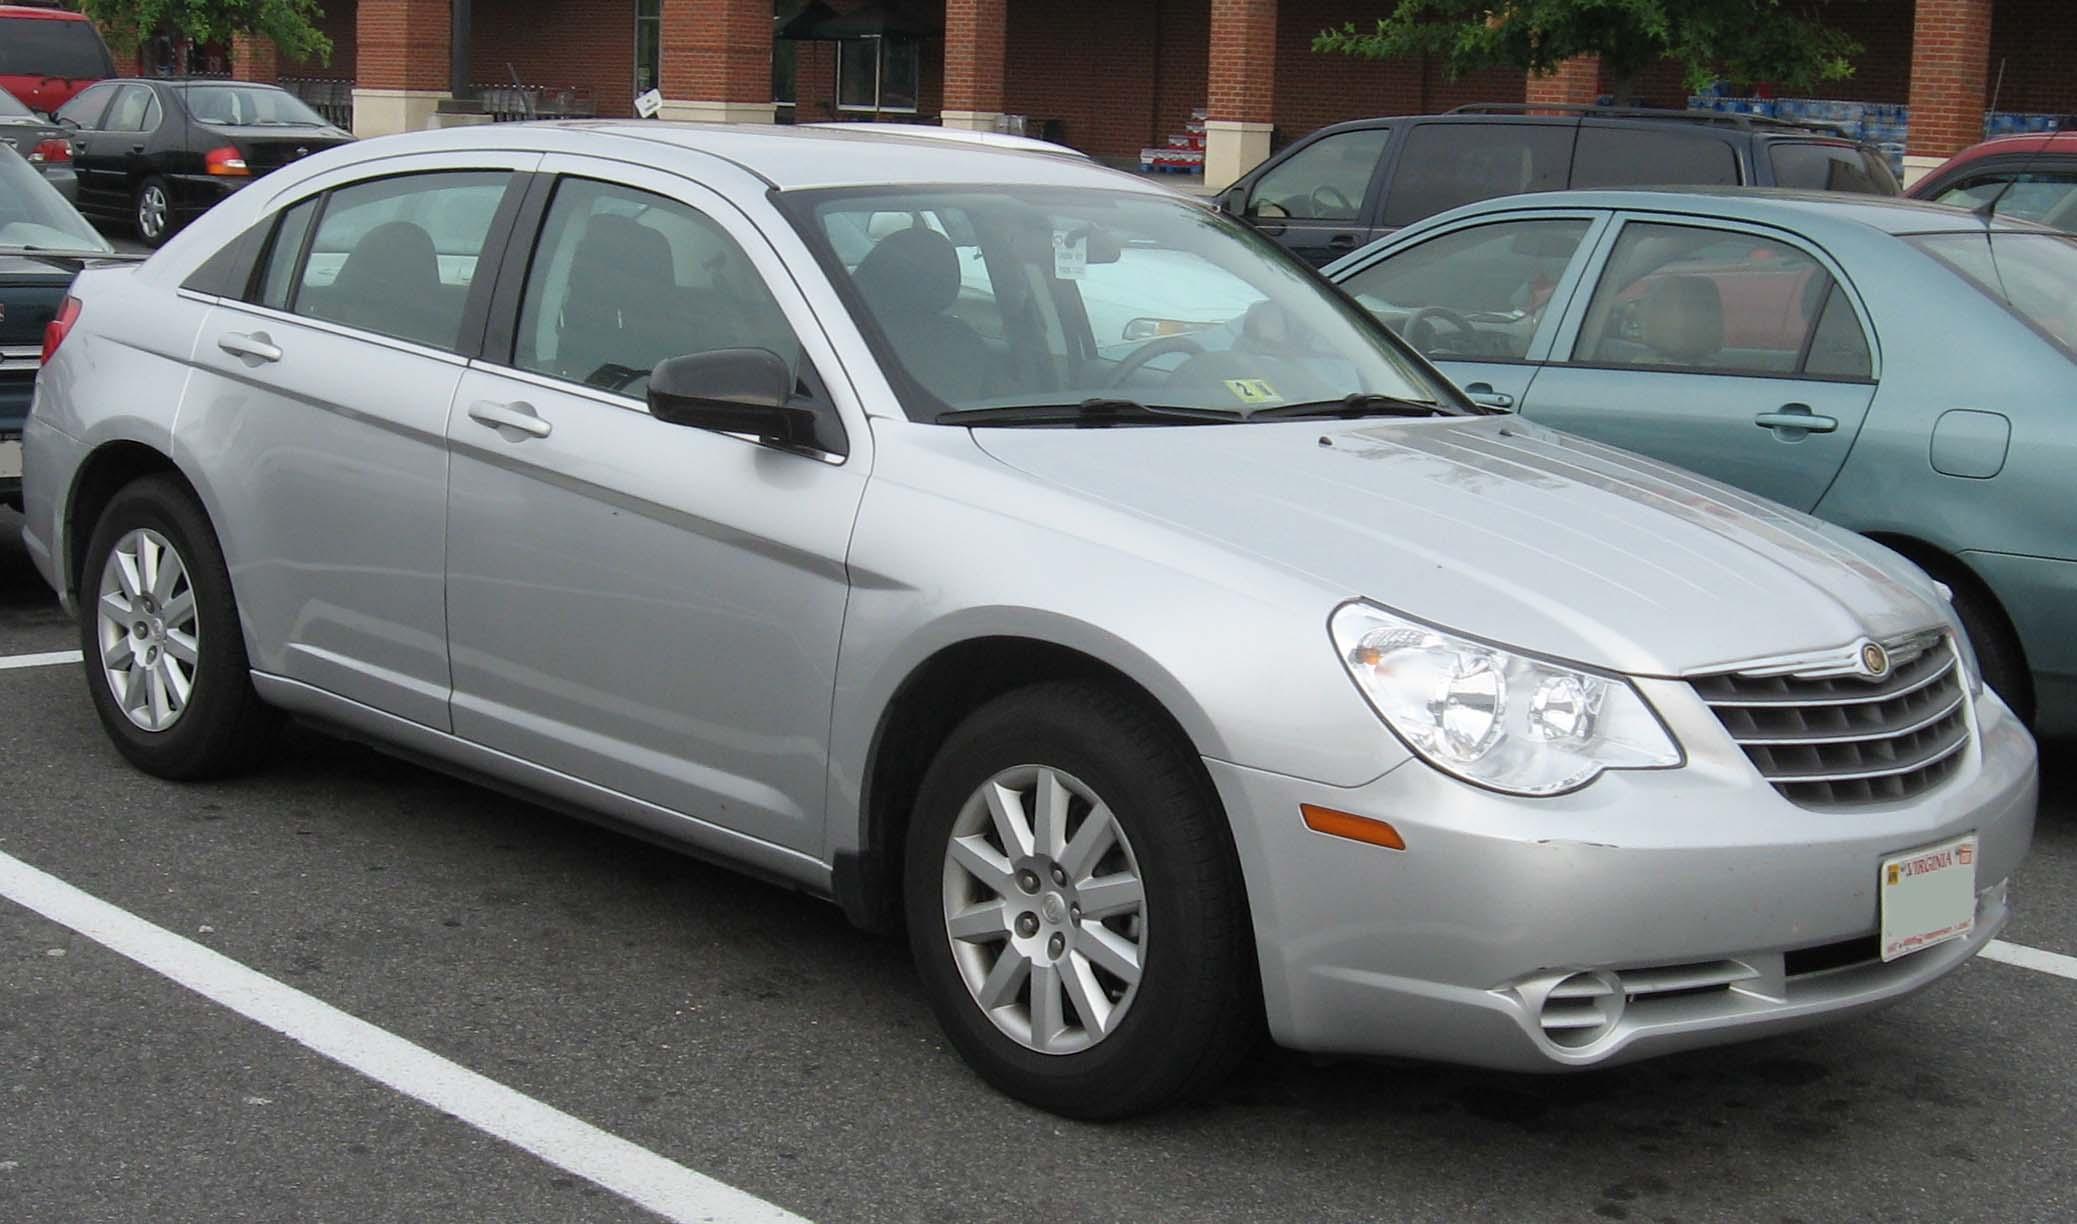 File:07 Chrysler Sebring Sedan.jpg - Wikimedia Commons